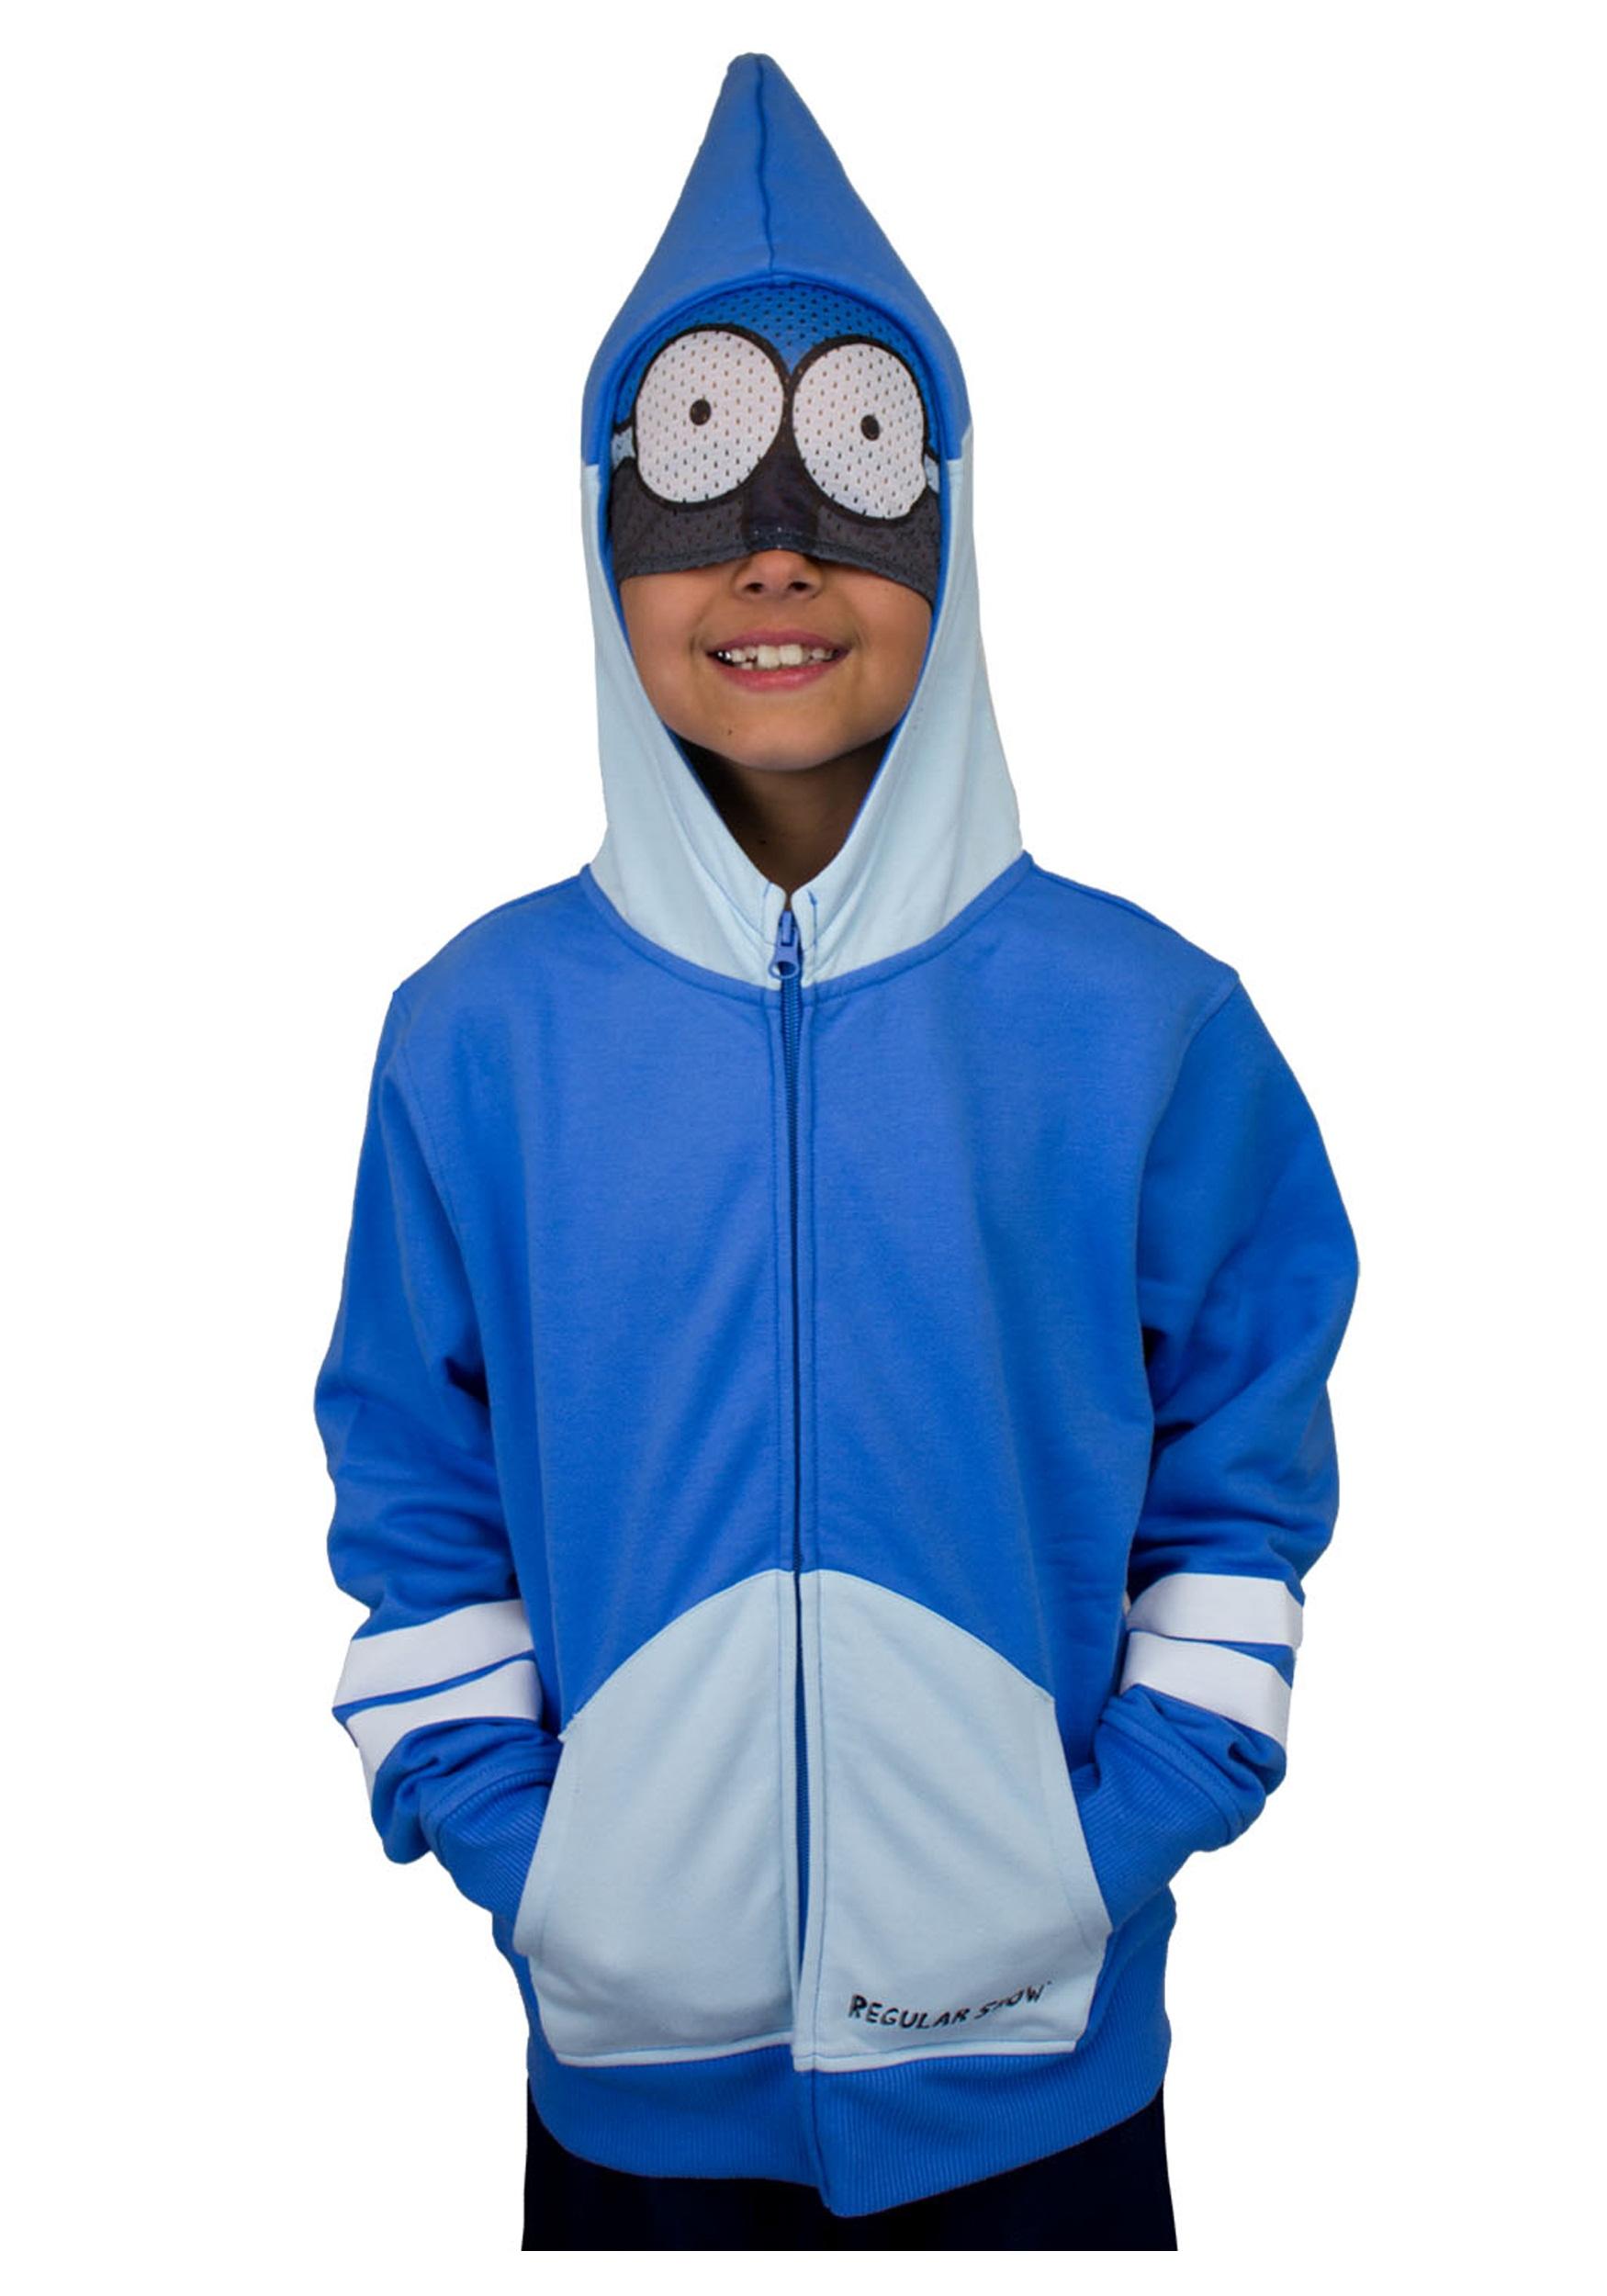 Boys costume hoodie